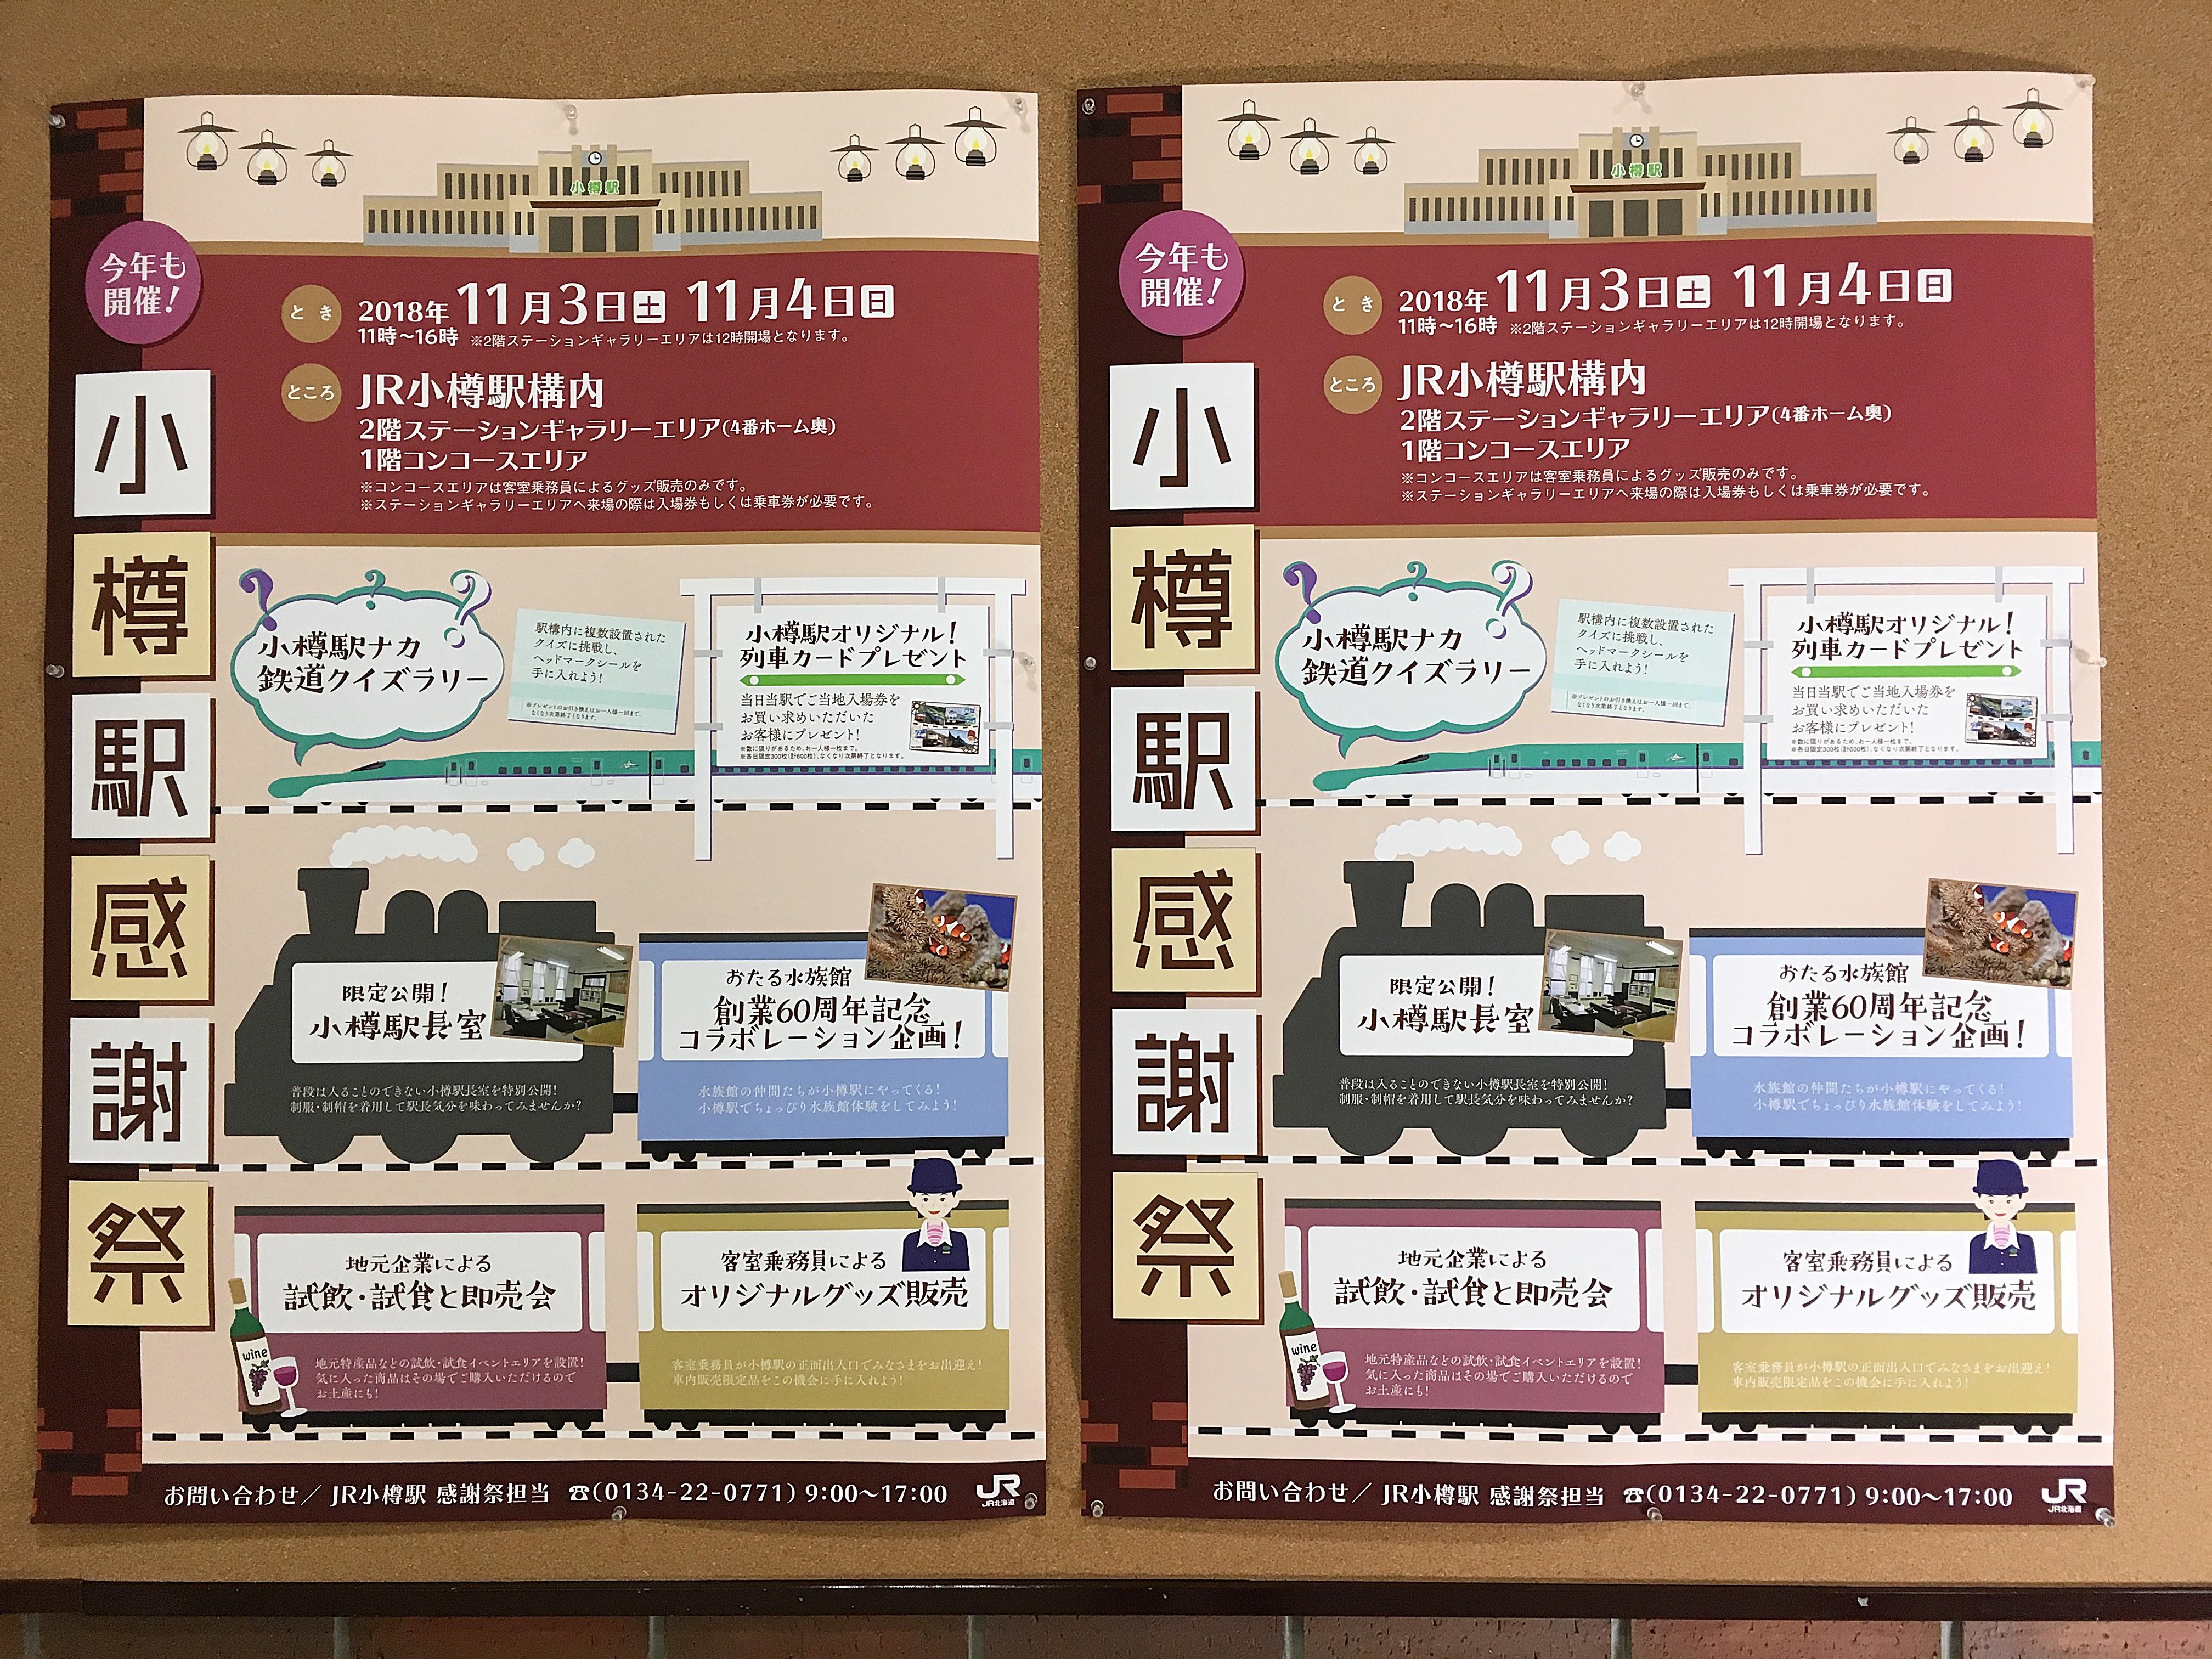 小樽駅感謝祭 in 2018.JPG